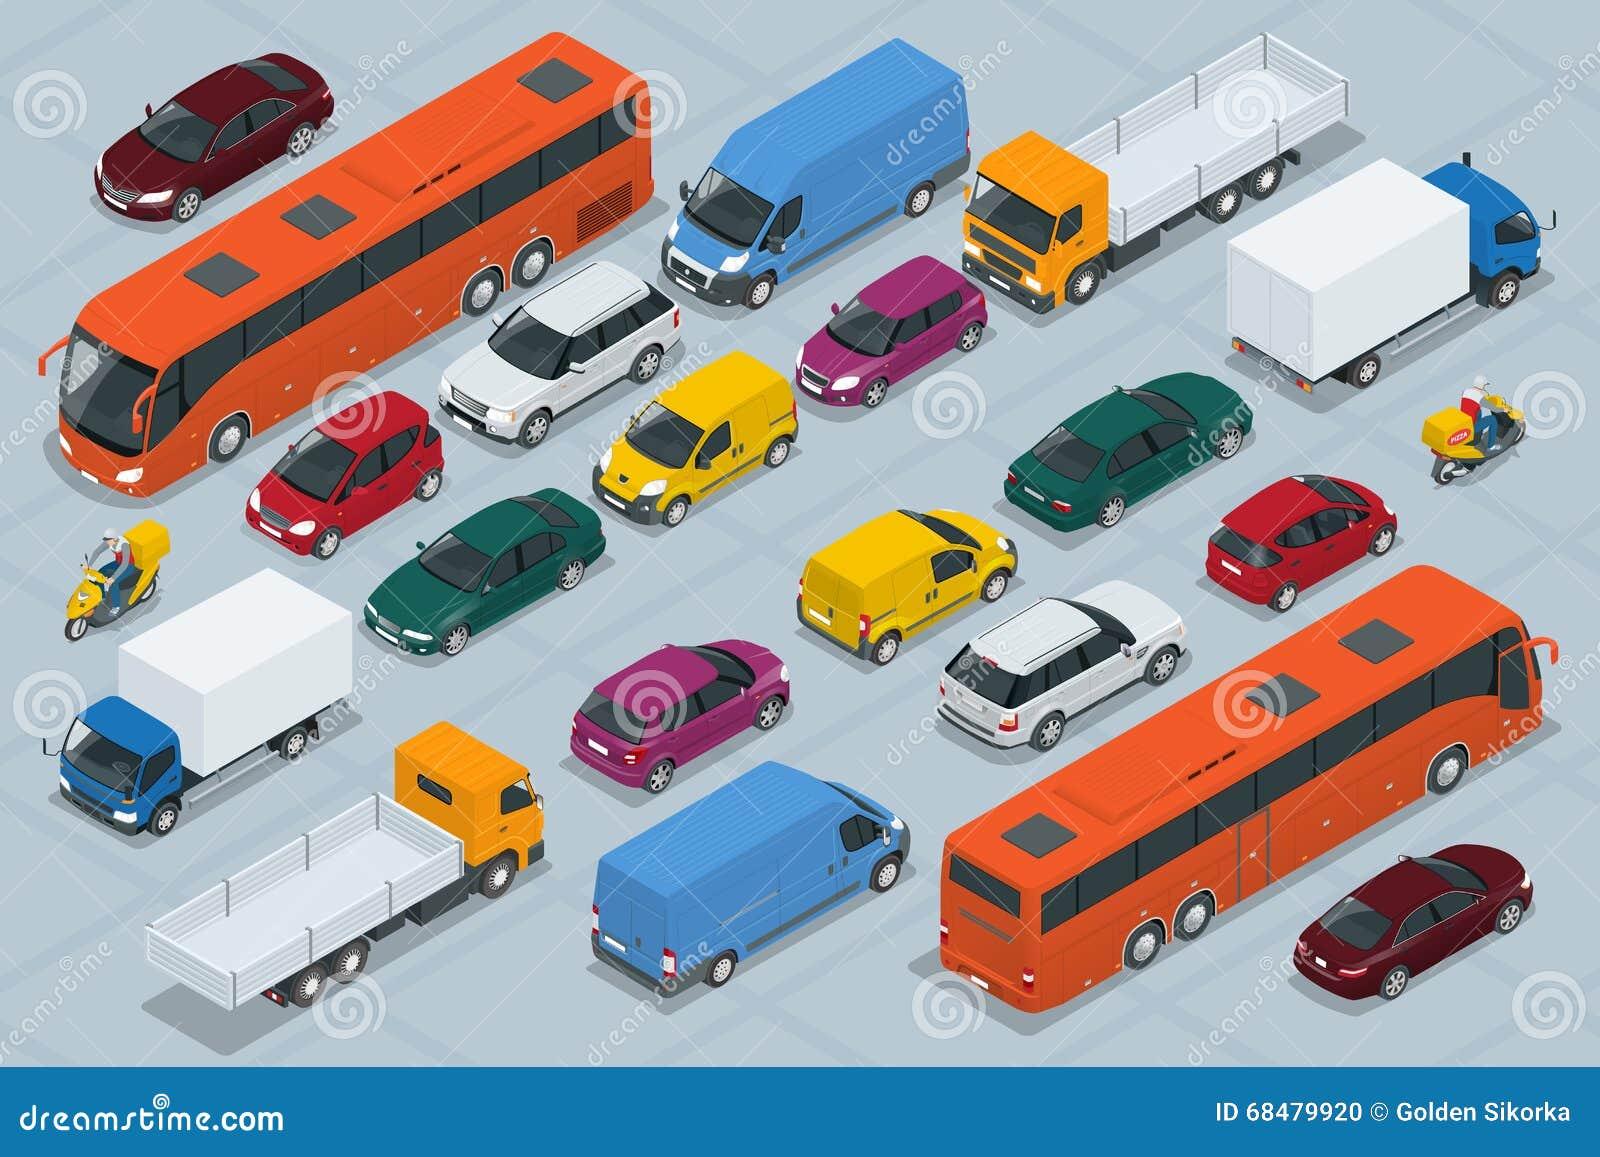 Samochodowe ikony Mieszkania 3d miasta isometric wysokiej jakości transportu ikony samochodowy set Samochód, samochód dostawczy,